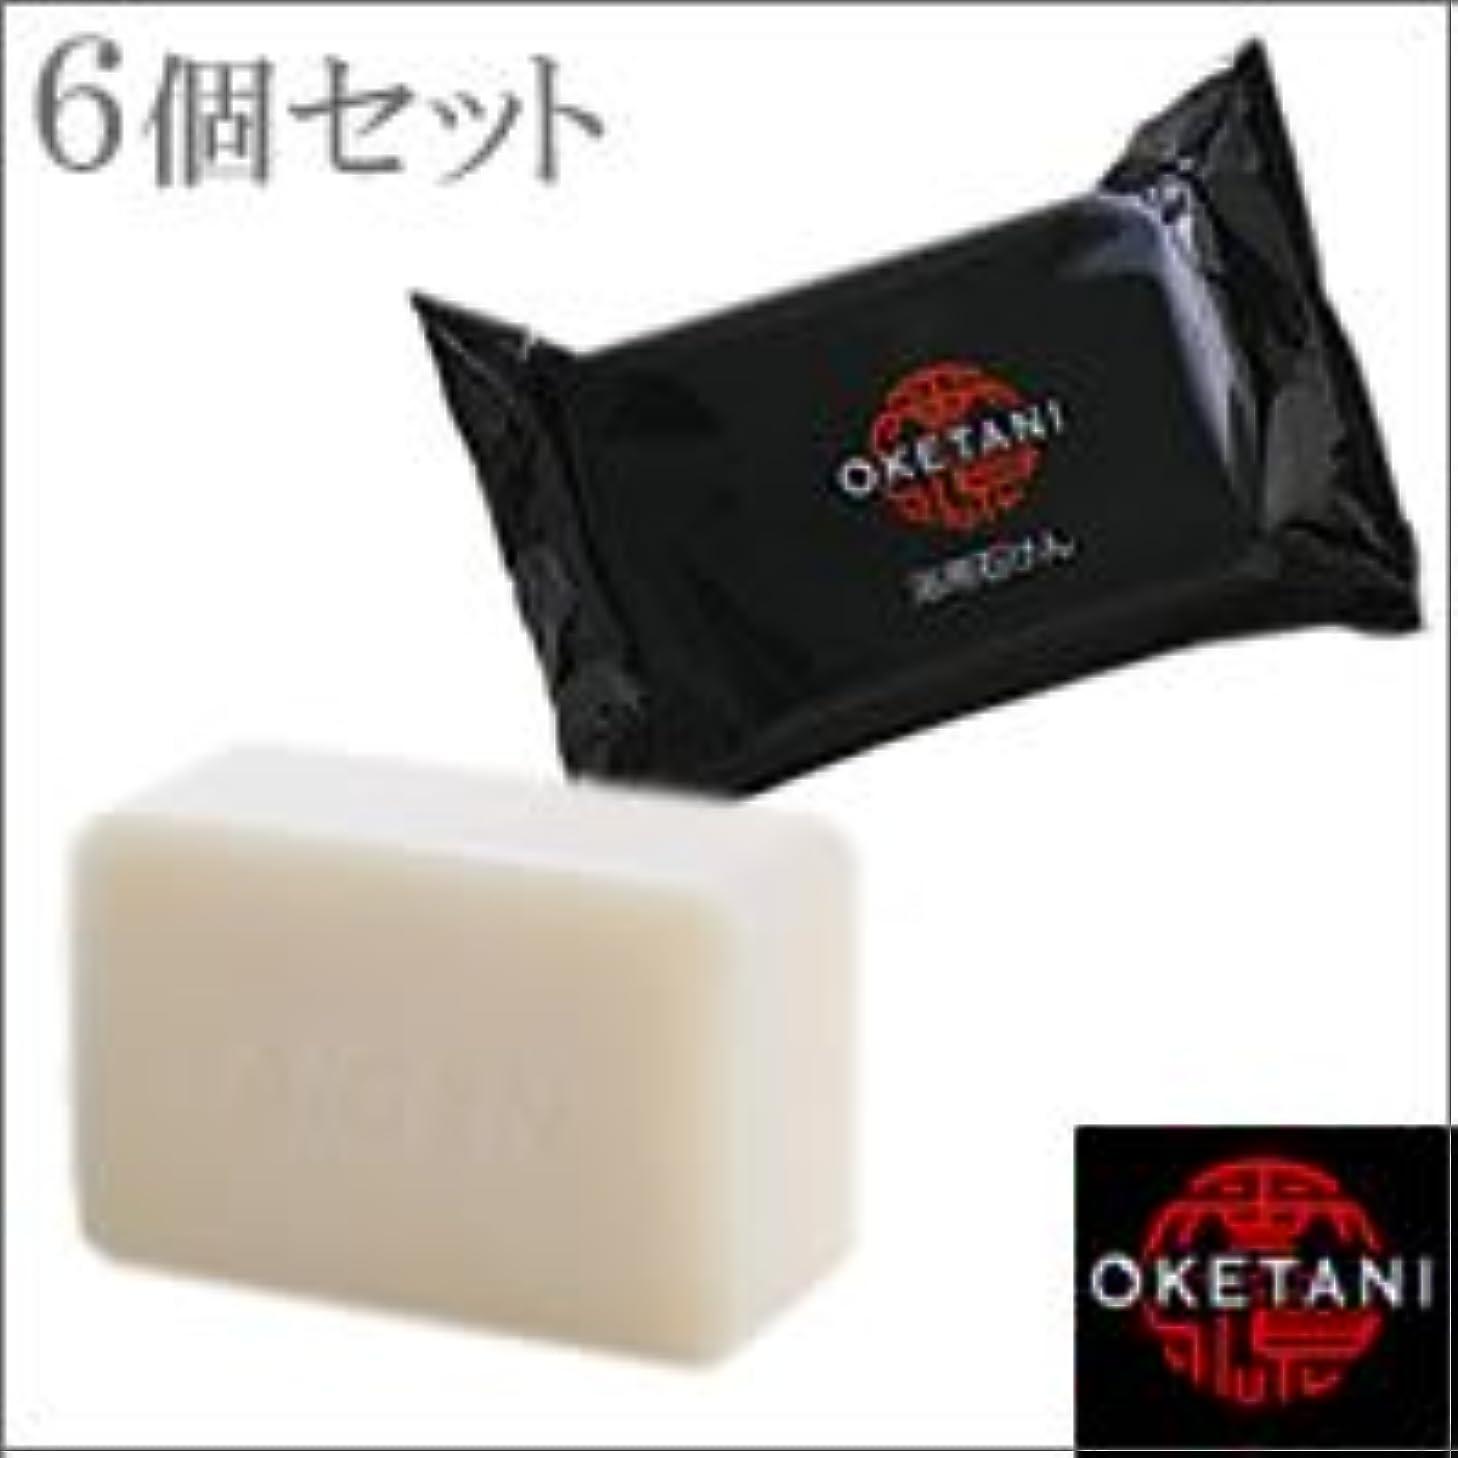 のホスト有効な口item_name:桶谷石鹸 アイゲン 浴用石けん 120g×6個